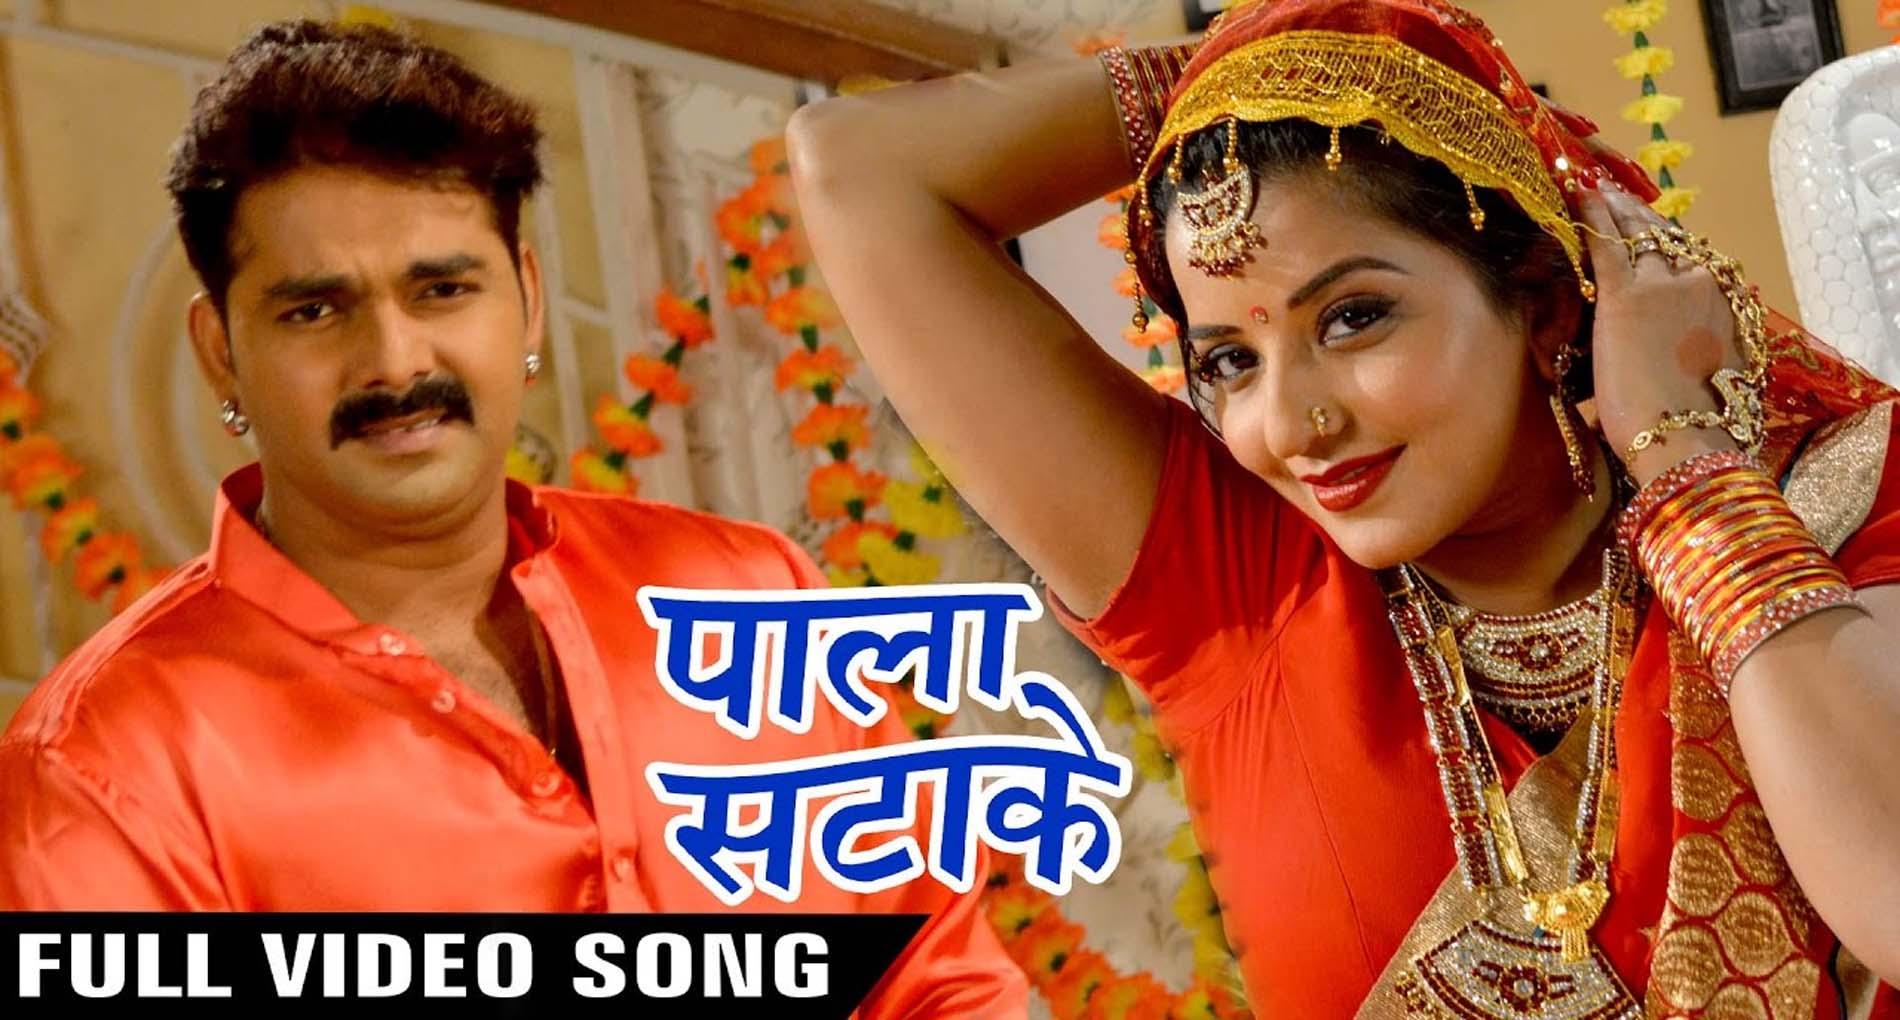 Pawan Singh Hit Song: मोनालिसा संग पवन सिंह ने किया जमकर रोमांस! देखें वीडियो